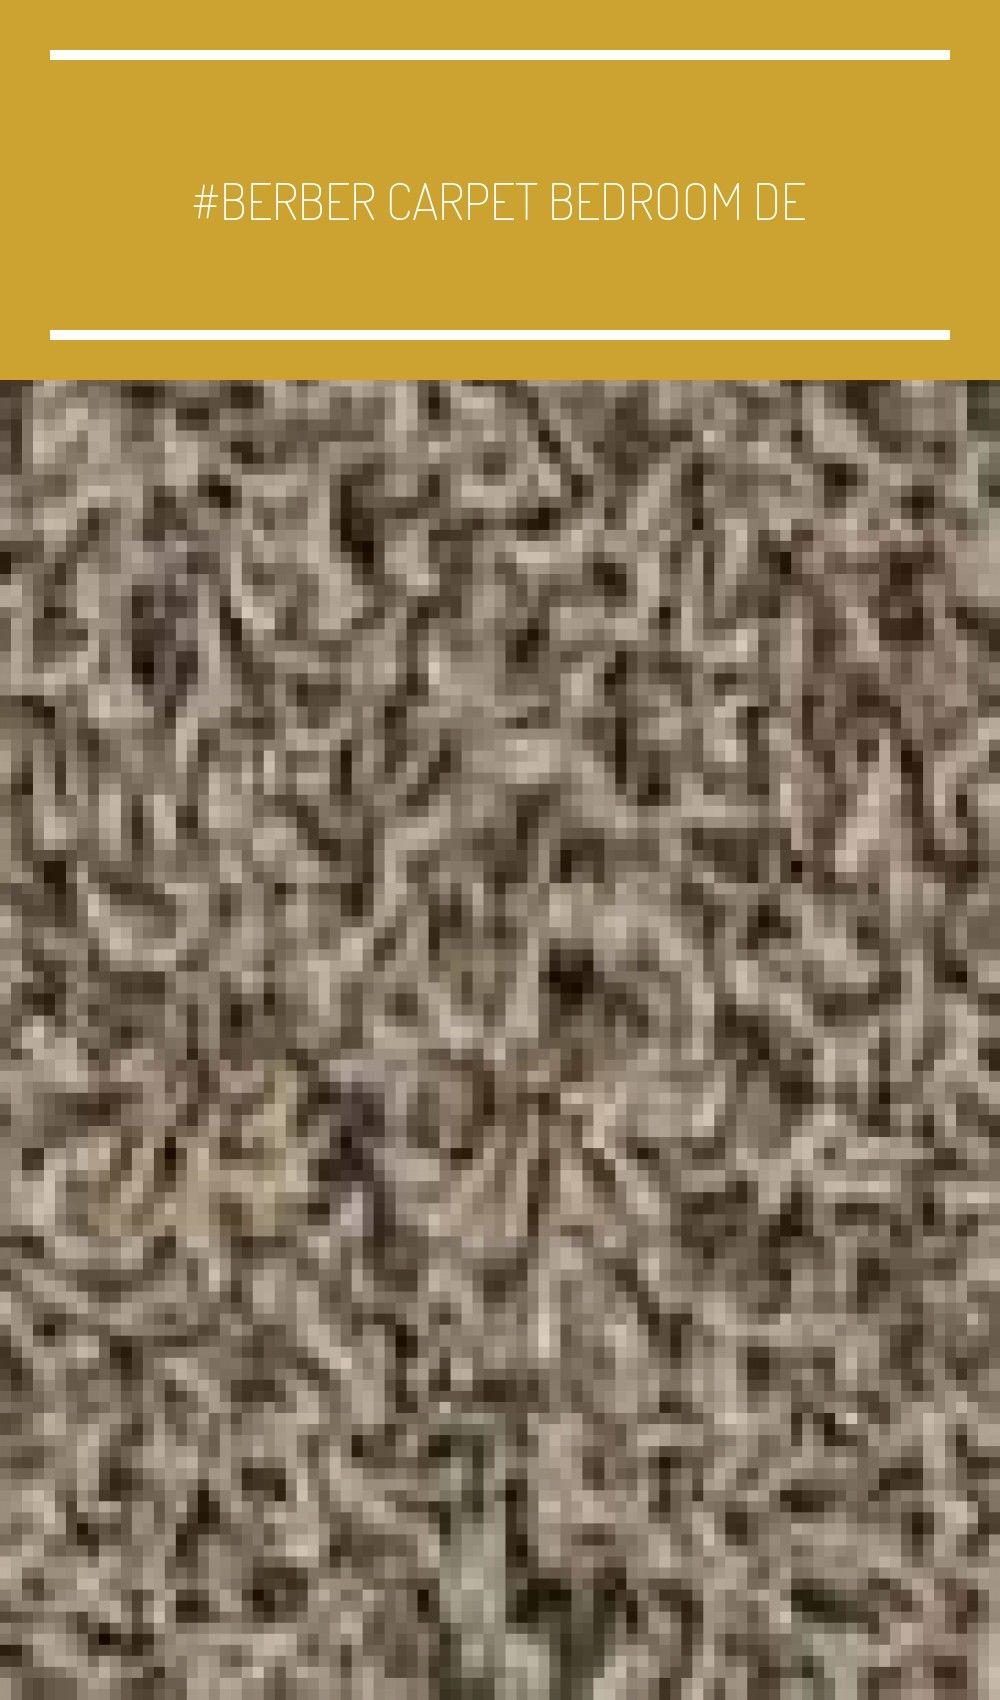 Berber Carpet Bedroom Design Berber Carpet Bedroom Design In 2020 Berber Carpet Bedroom Carpet Rugs On Carpet